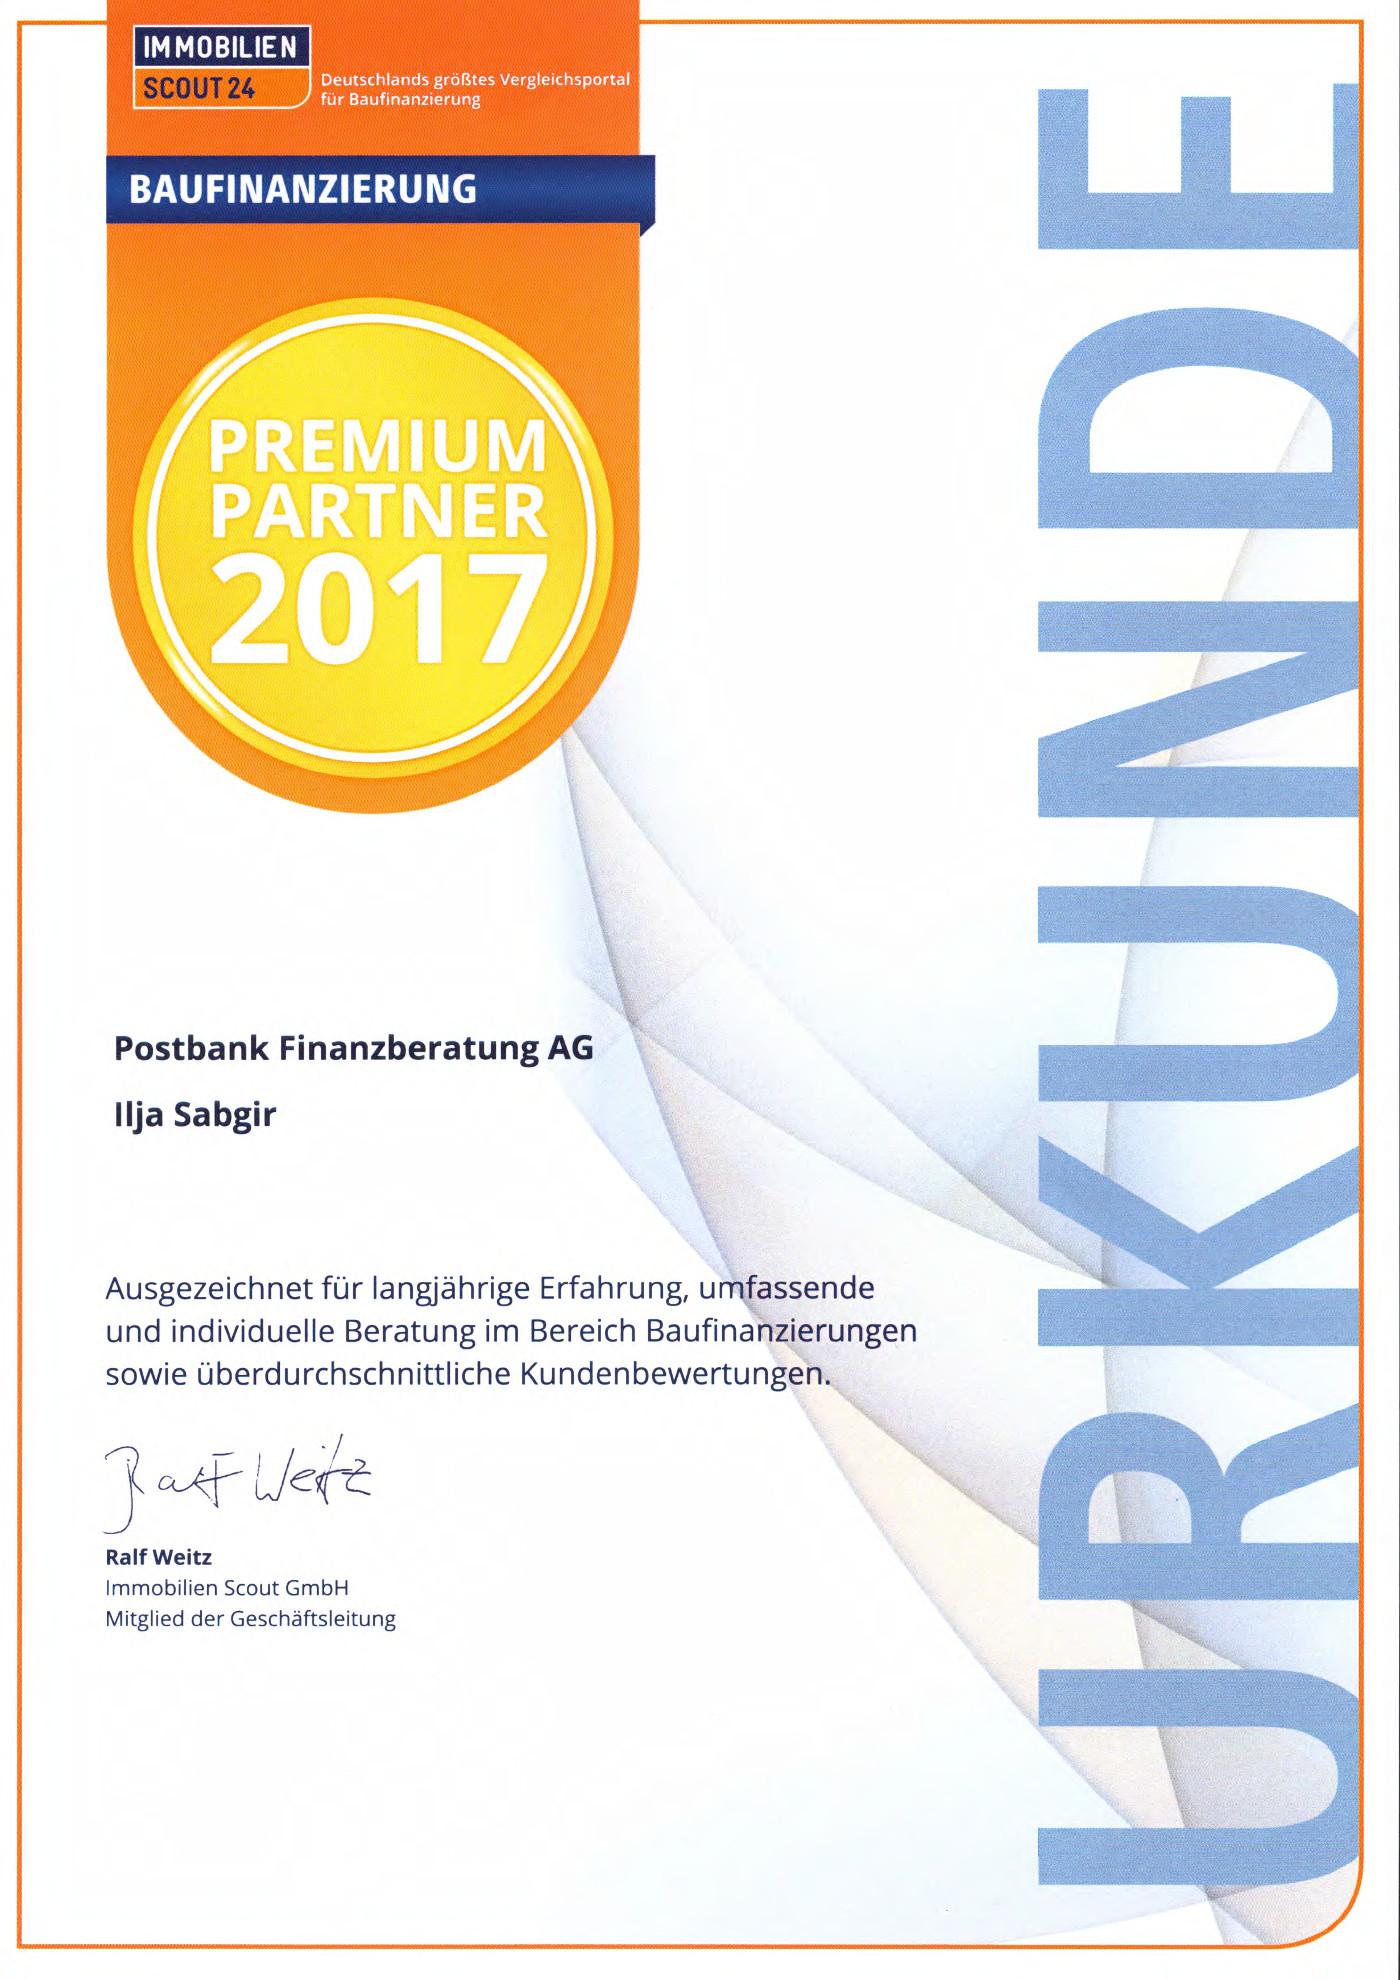 Zertifikat Premiumpartner is24